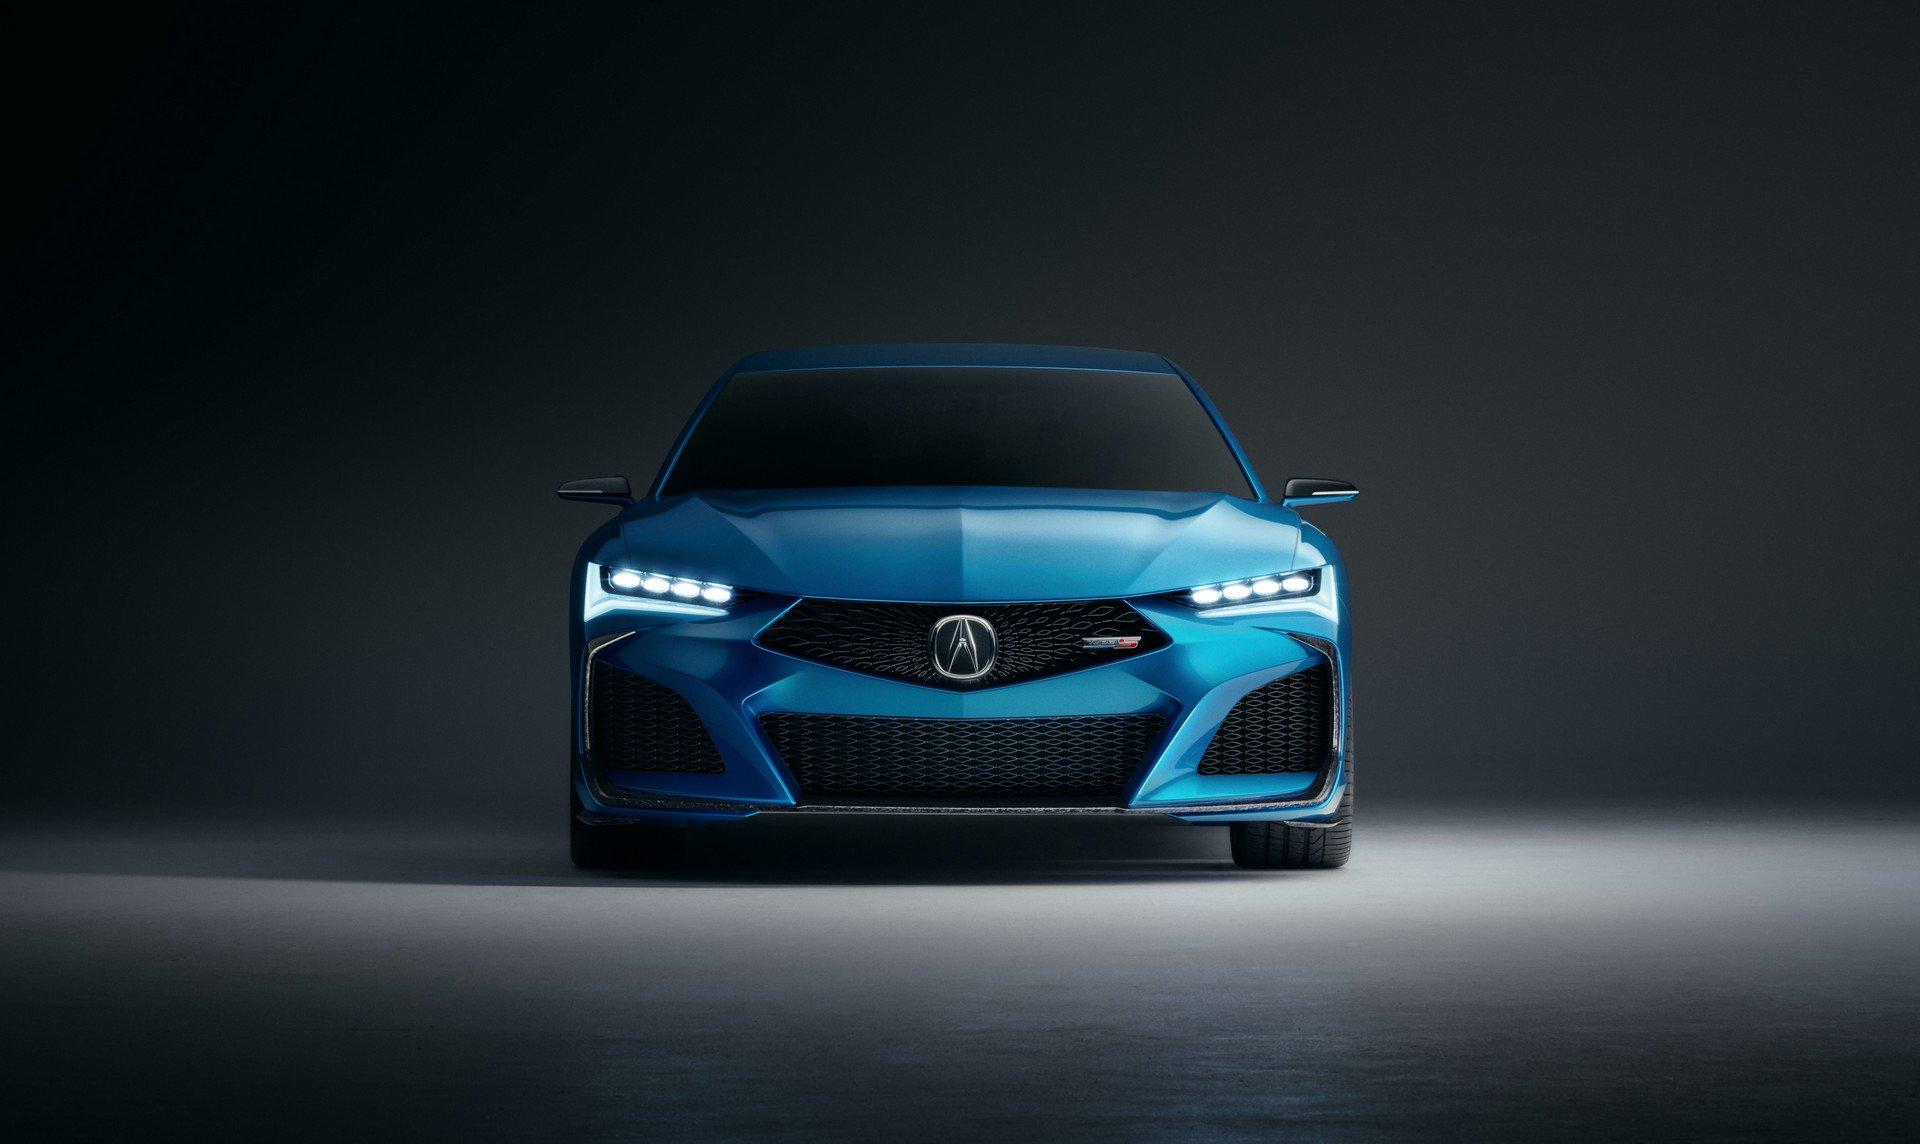 Acura-Type-S-Concept-3